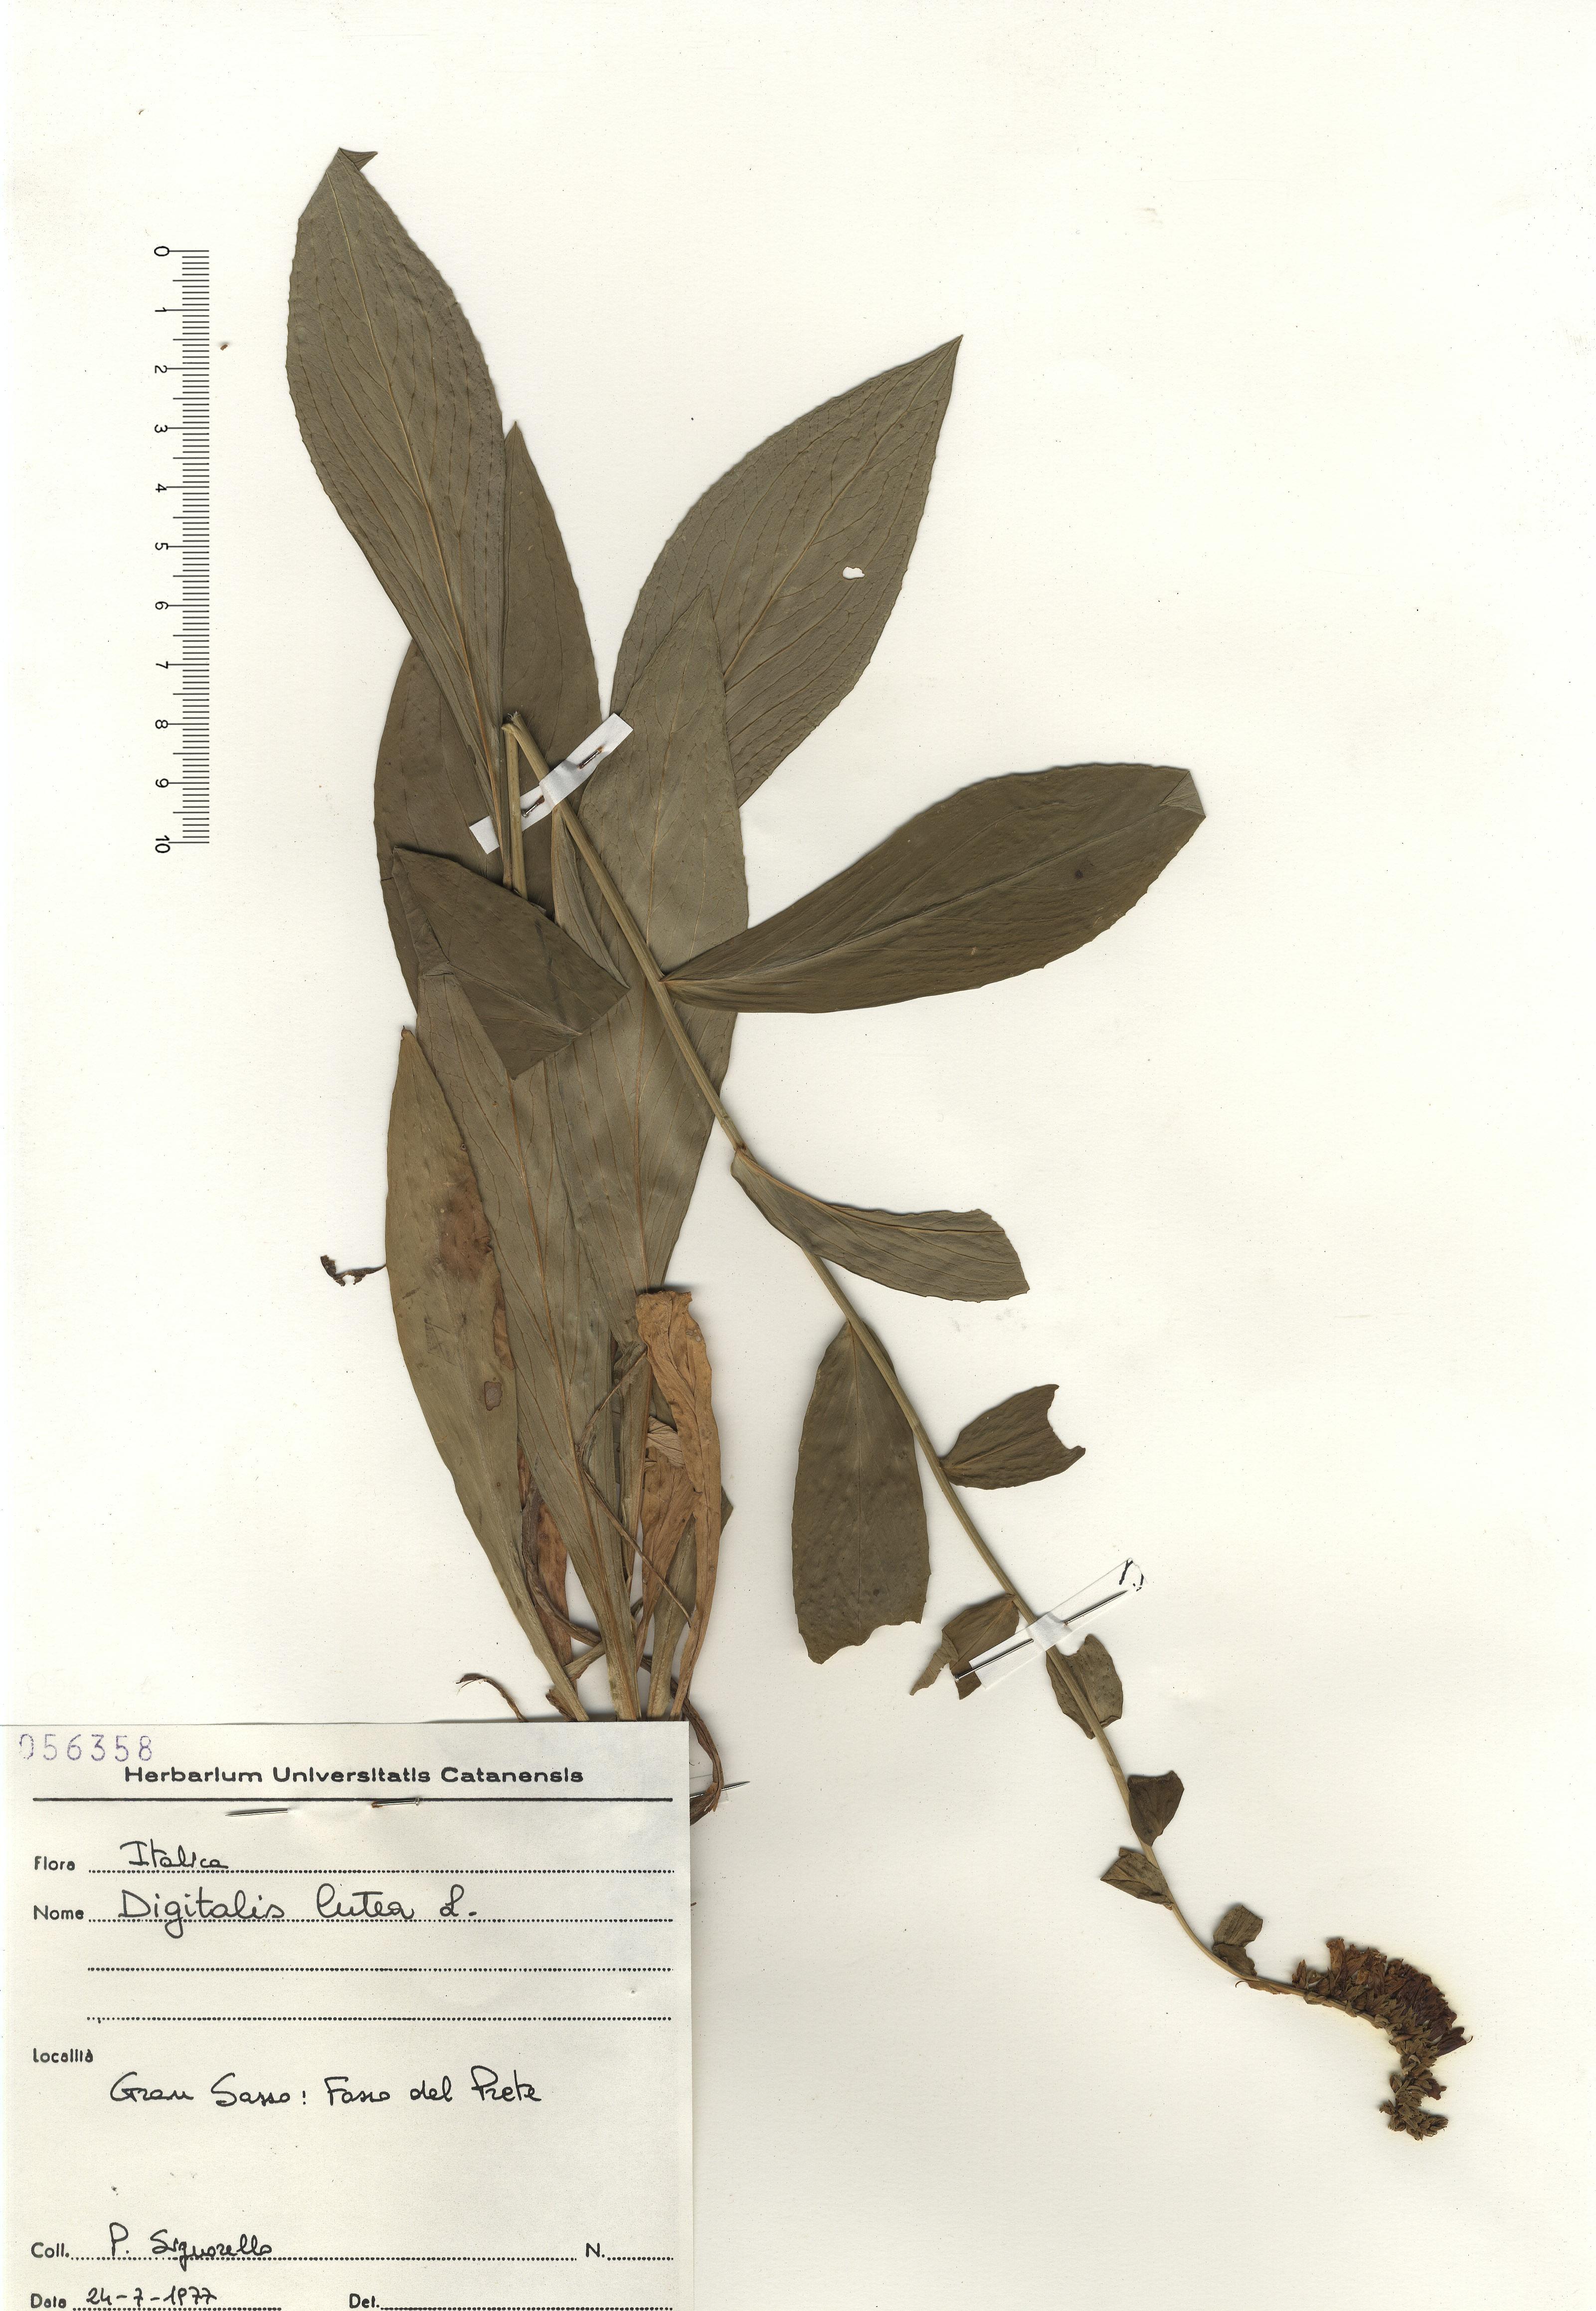 © Hortus Botanicus Catinensis - Herb. sheet 056358<br>